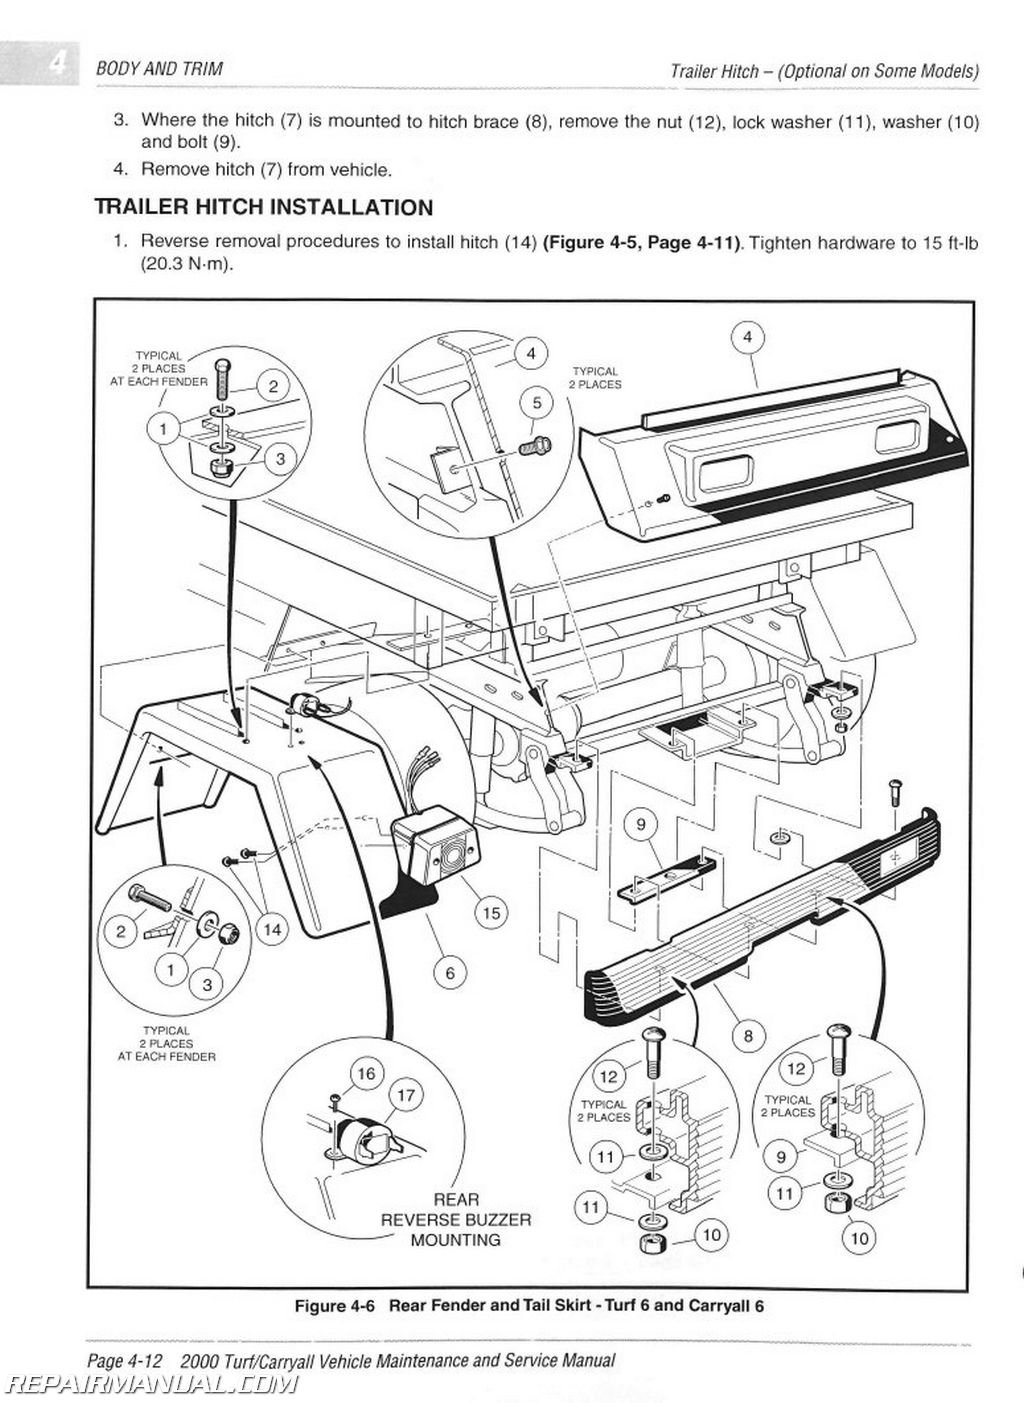 Car Engine Service Manual Pdf Nissan Td27 Club Schematics Wiring Diagrams